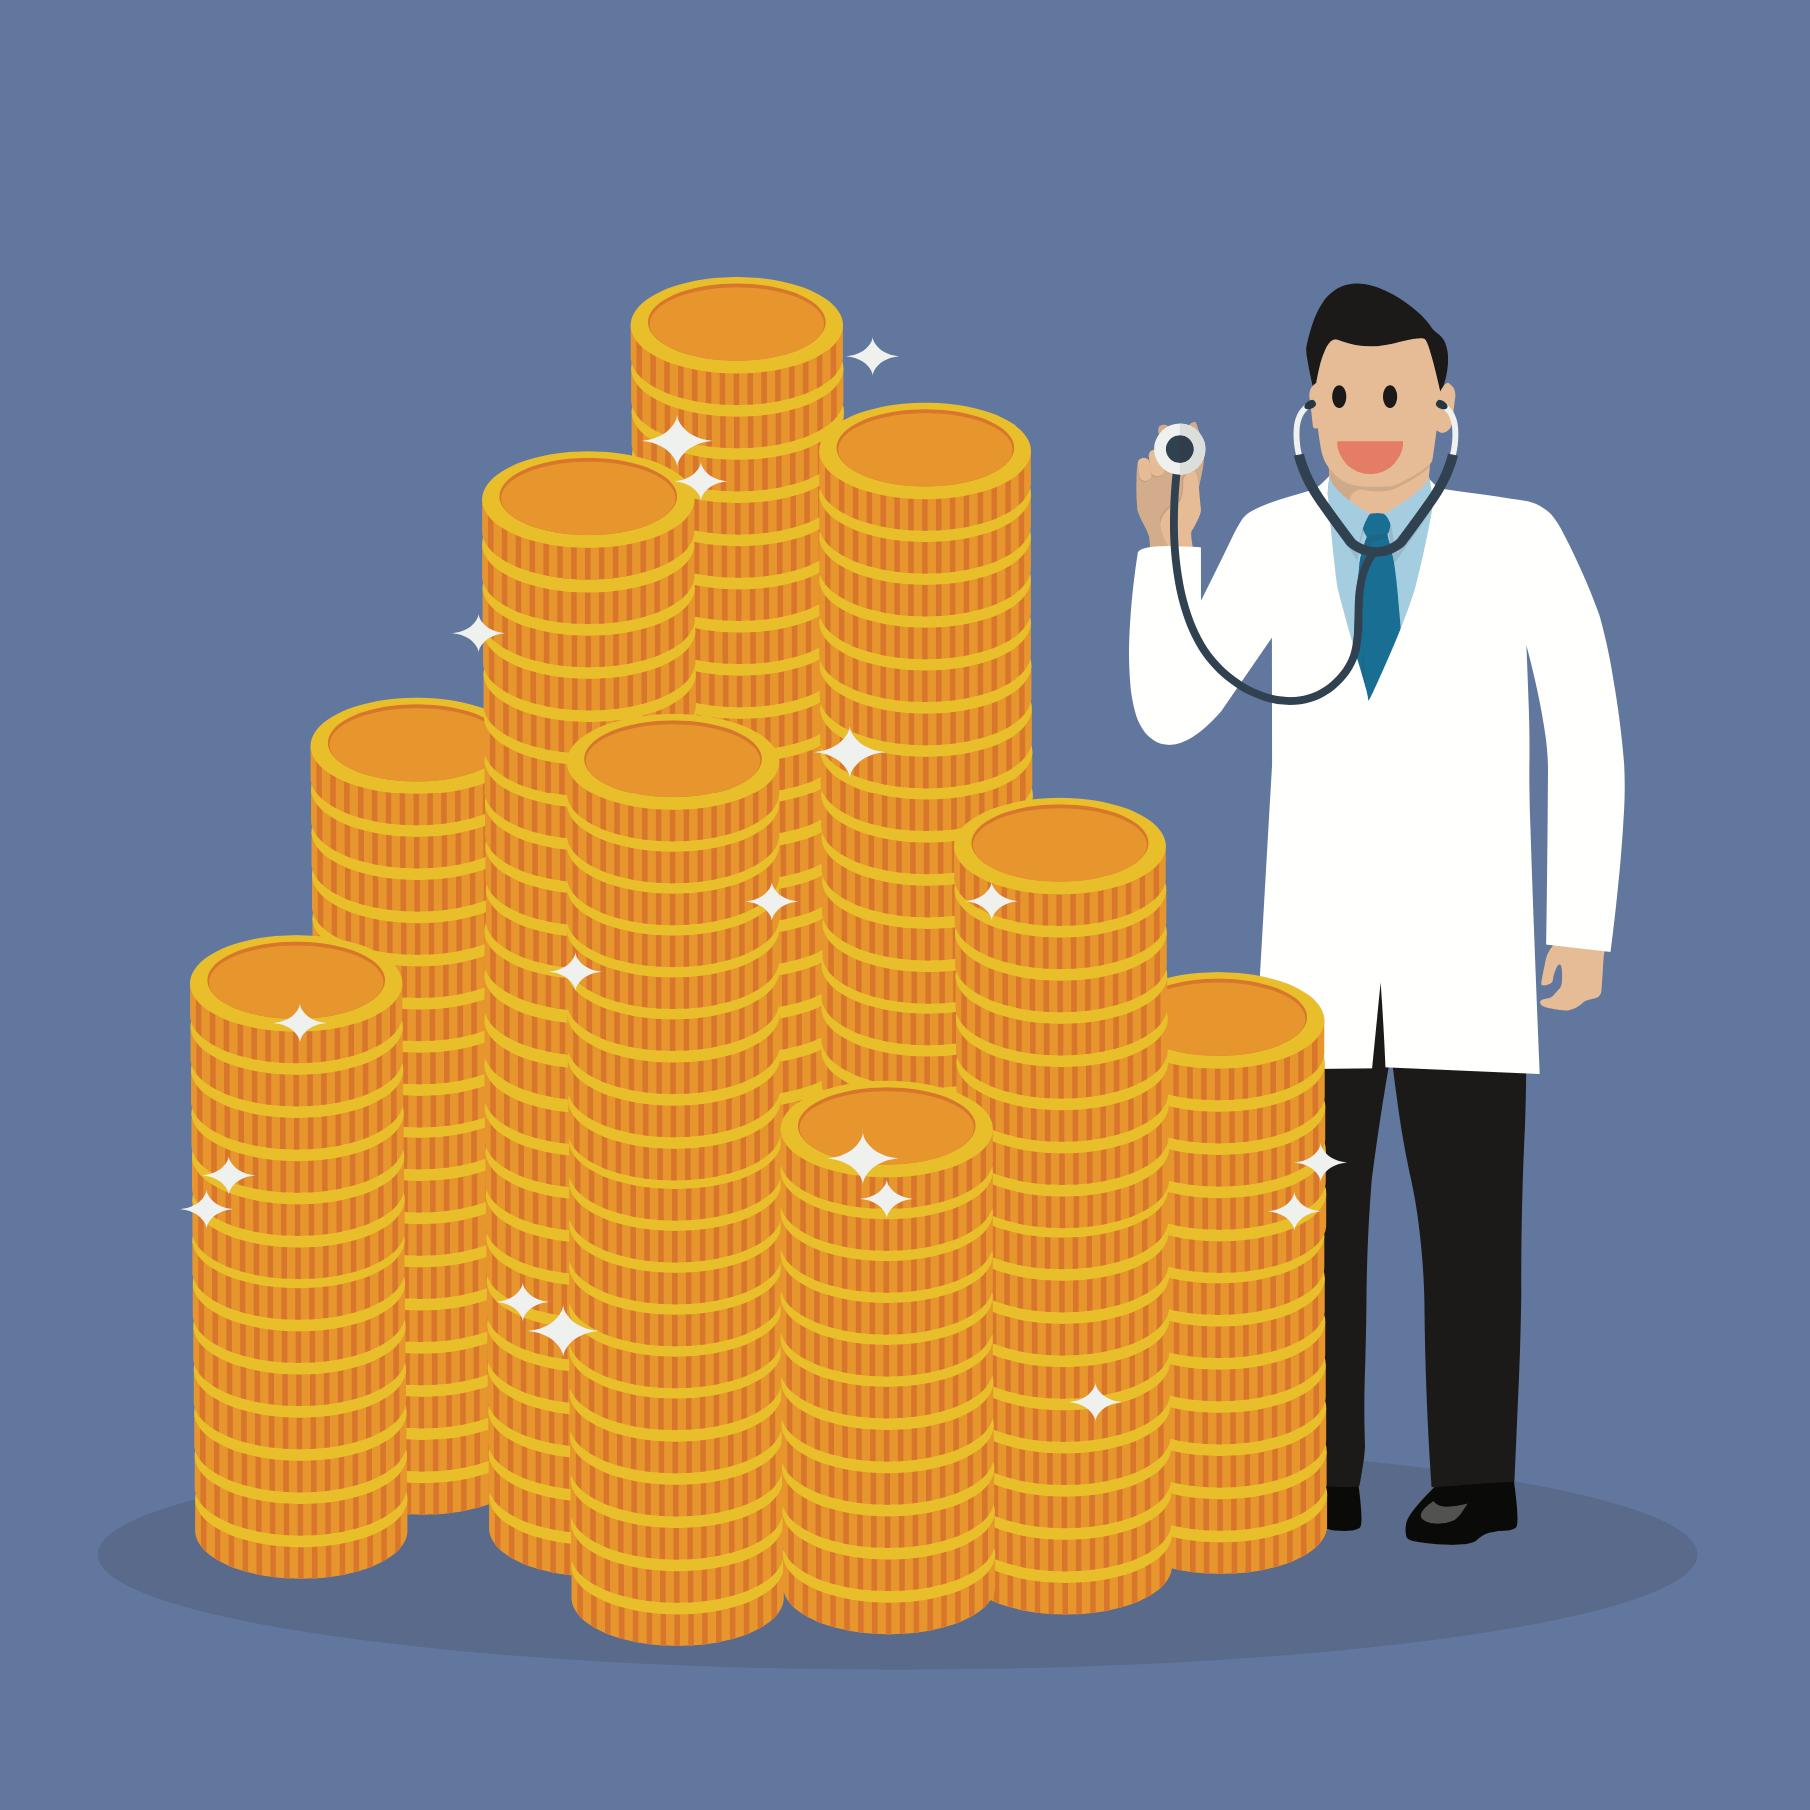 医師 不動産投資 失敗